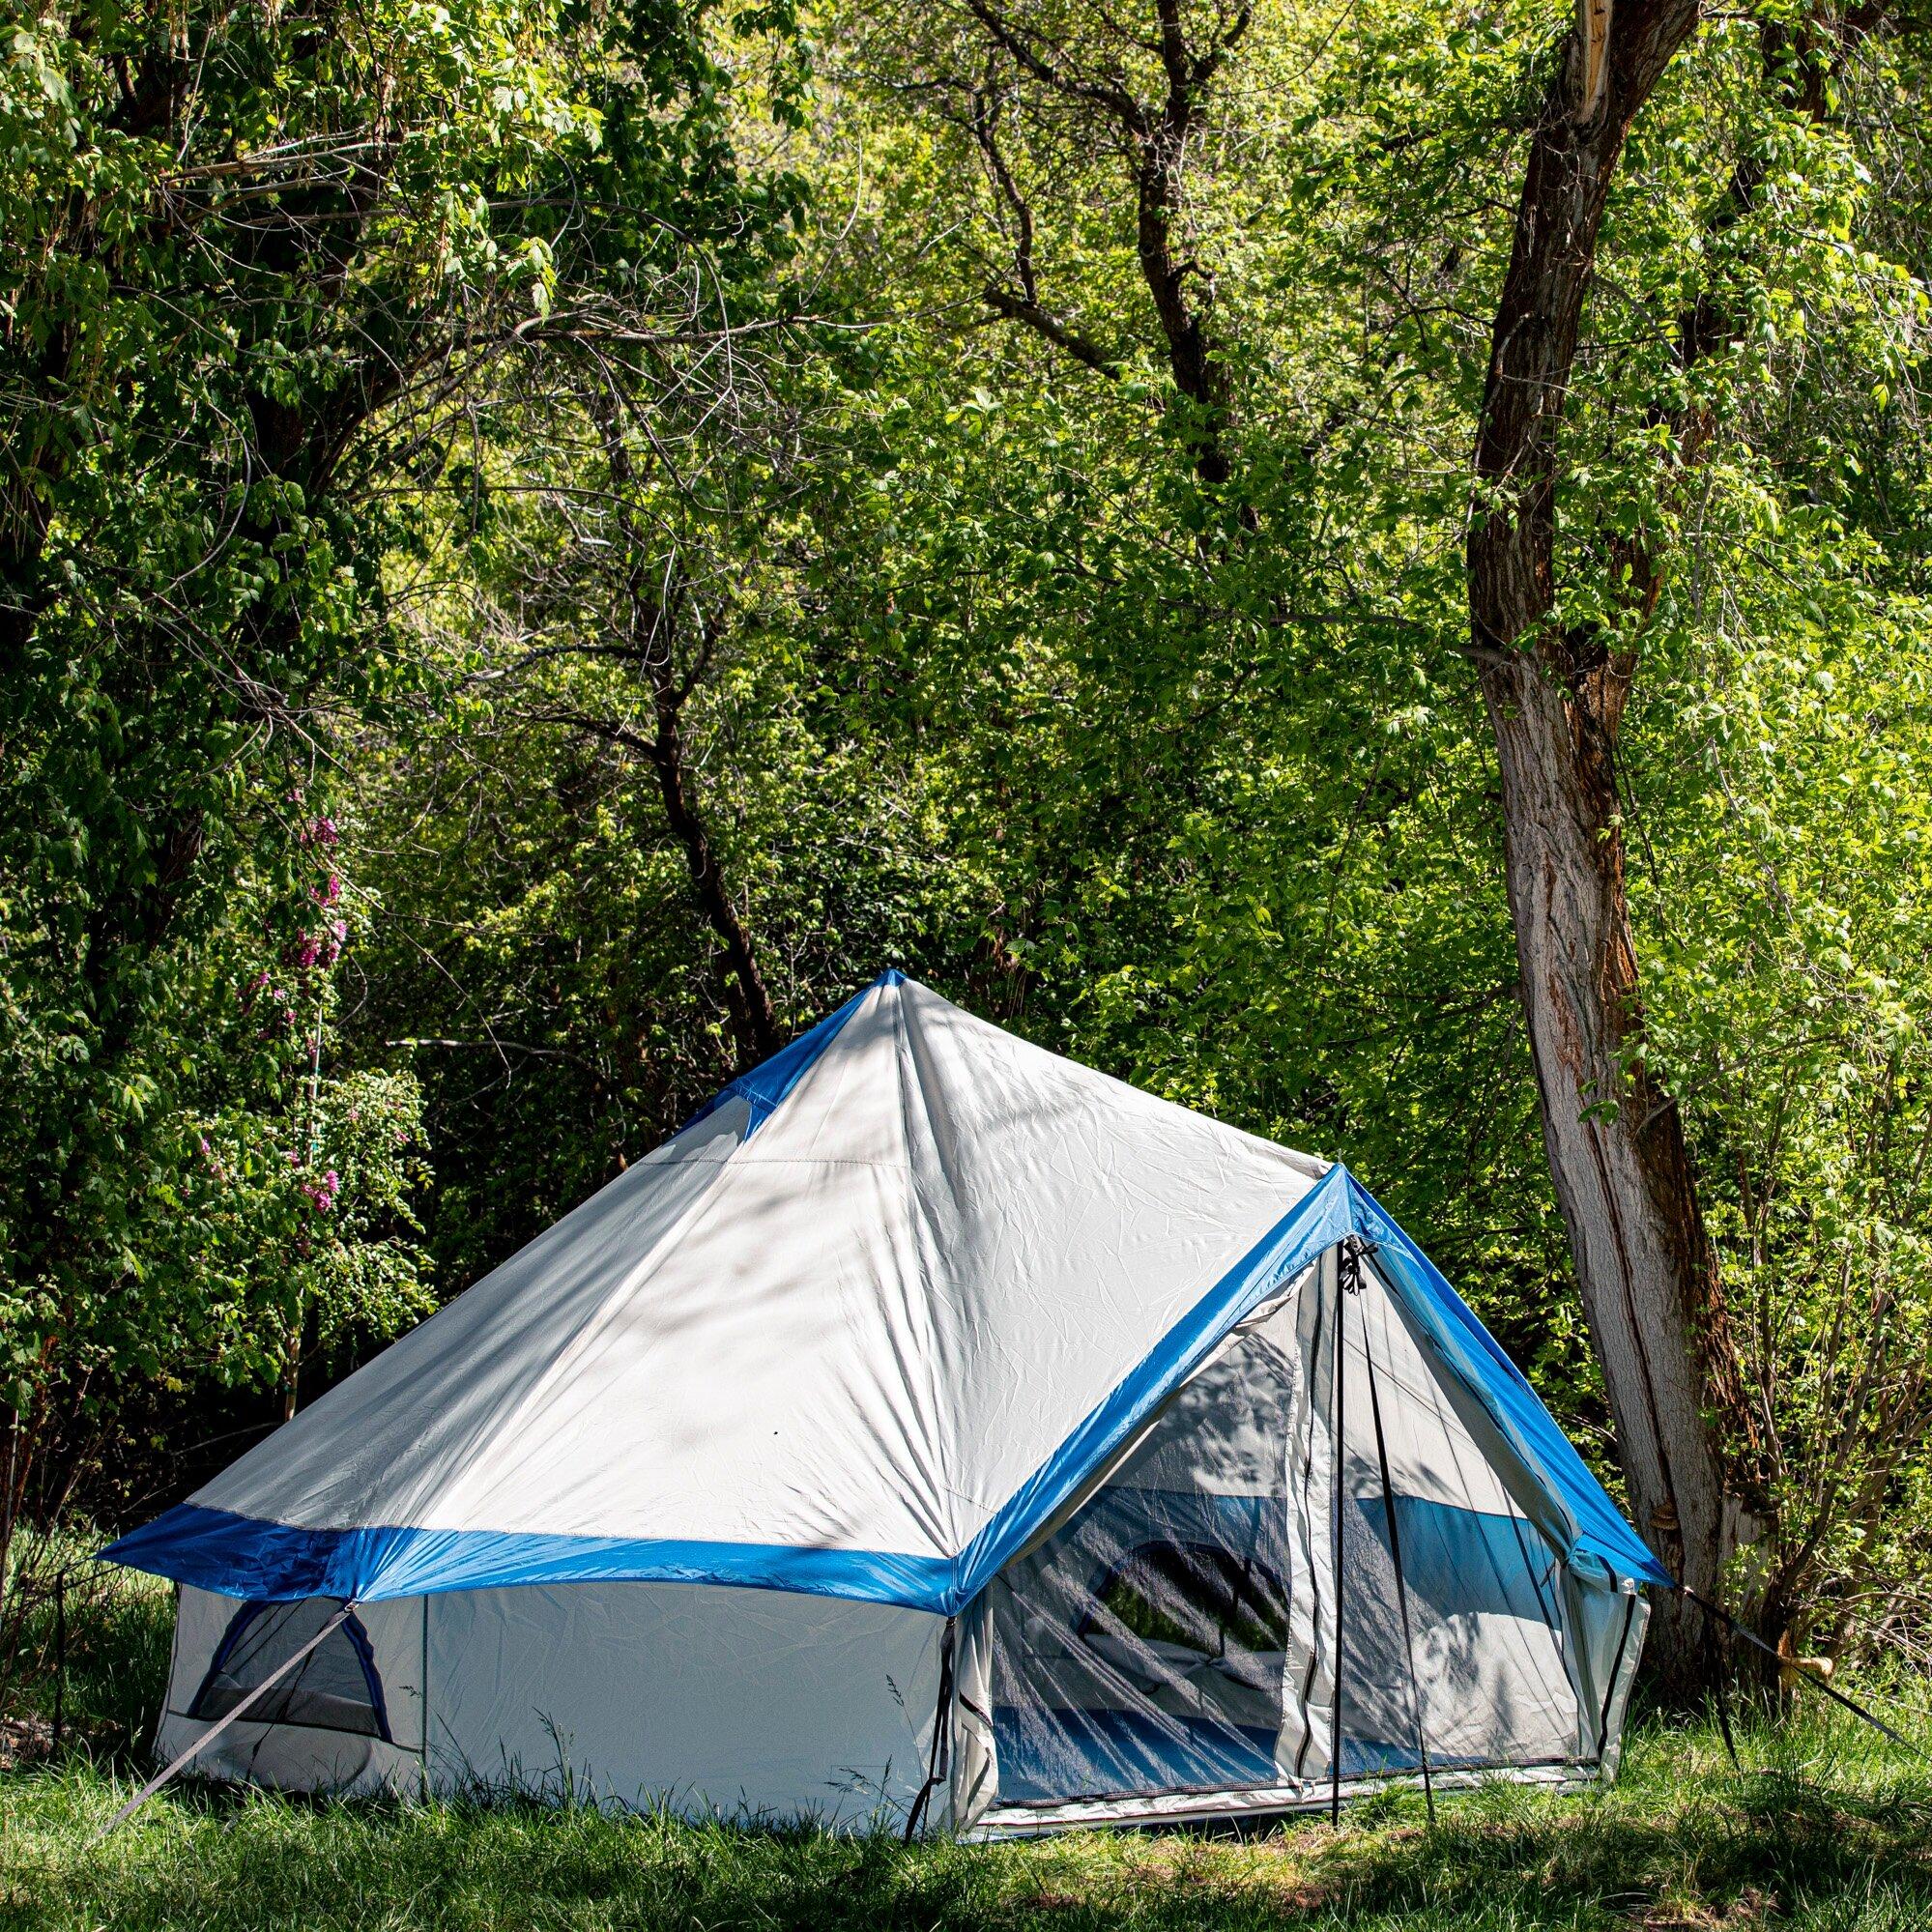 Bell Tent - Maker: NoBox Tools